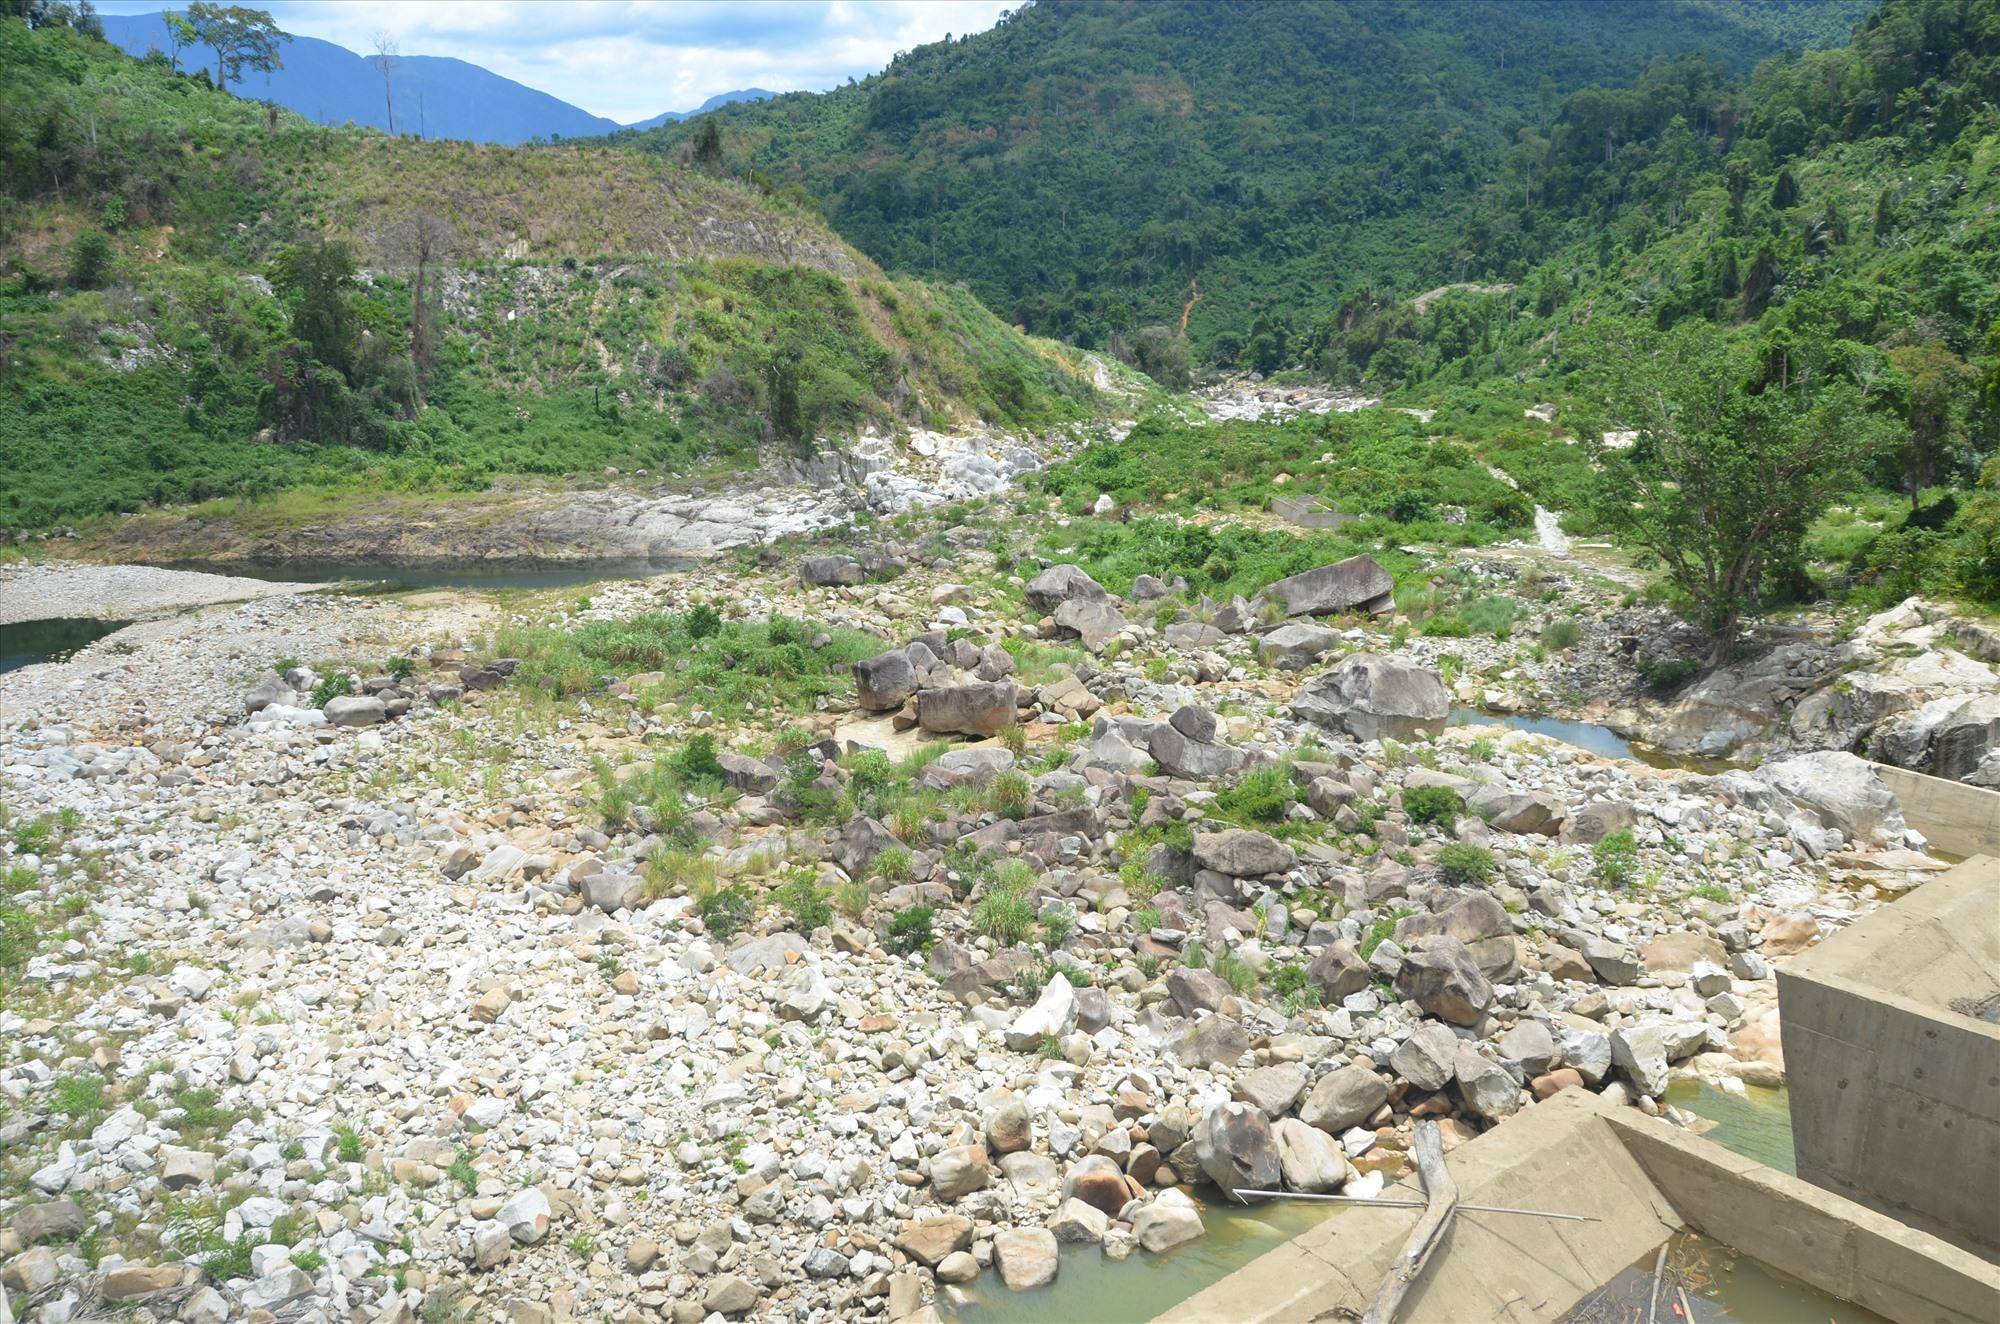 Chưa vào mùa khô nhưng nhiều con sông ở thượng nguồn Vu Gia khô đáy.Ảnh: T.H